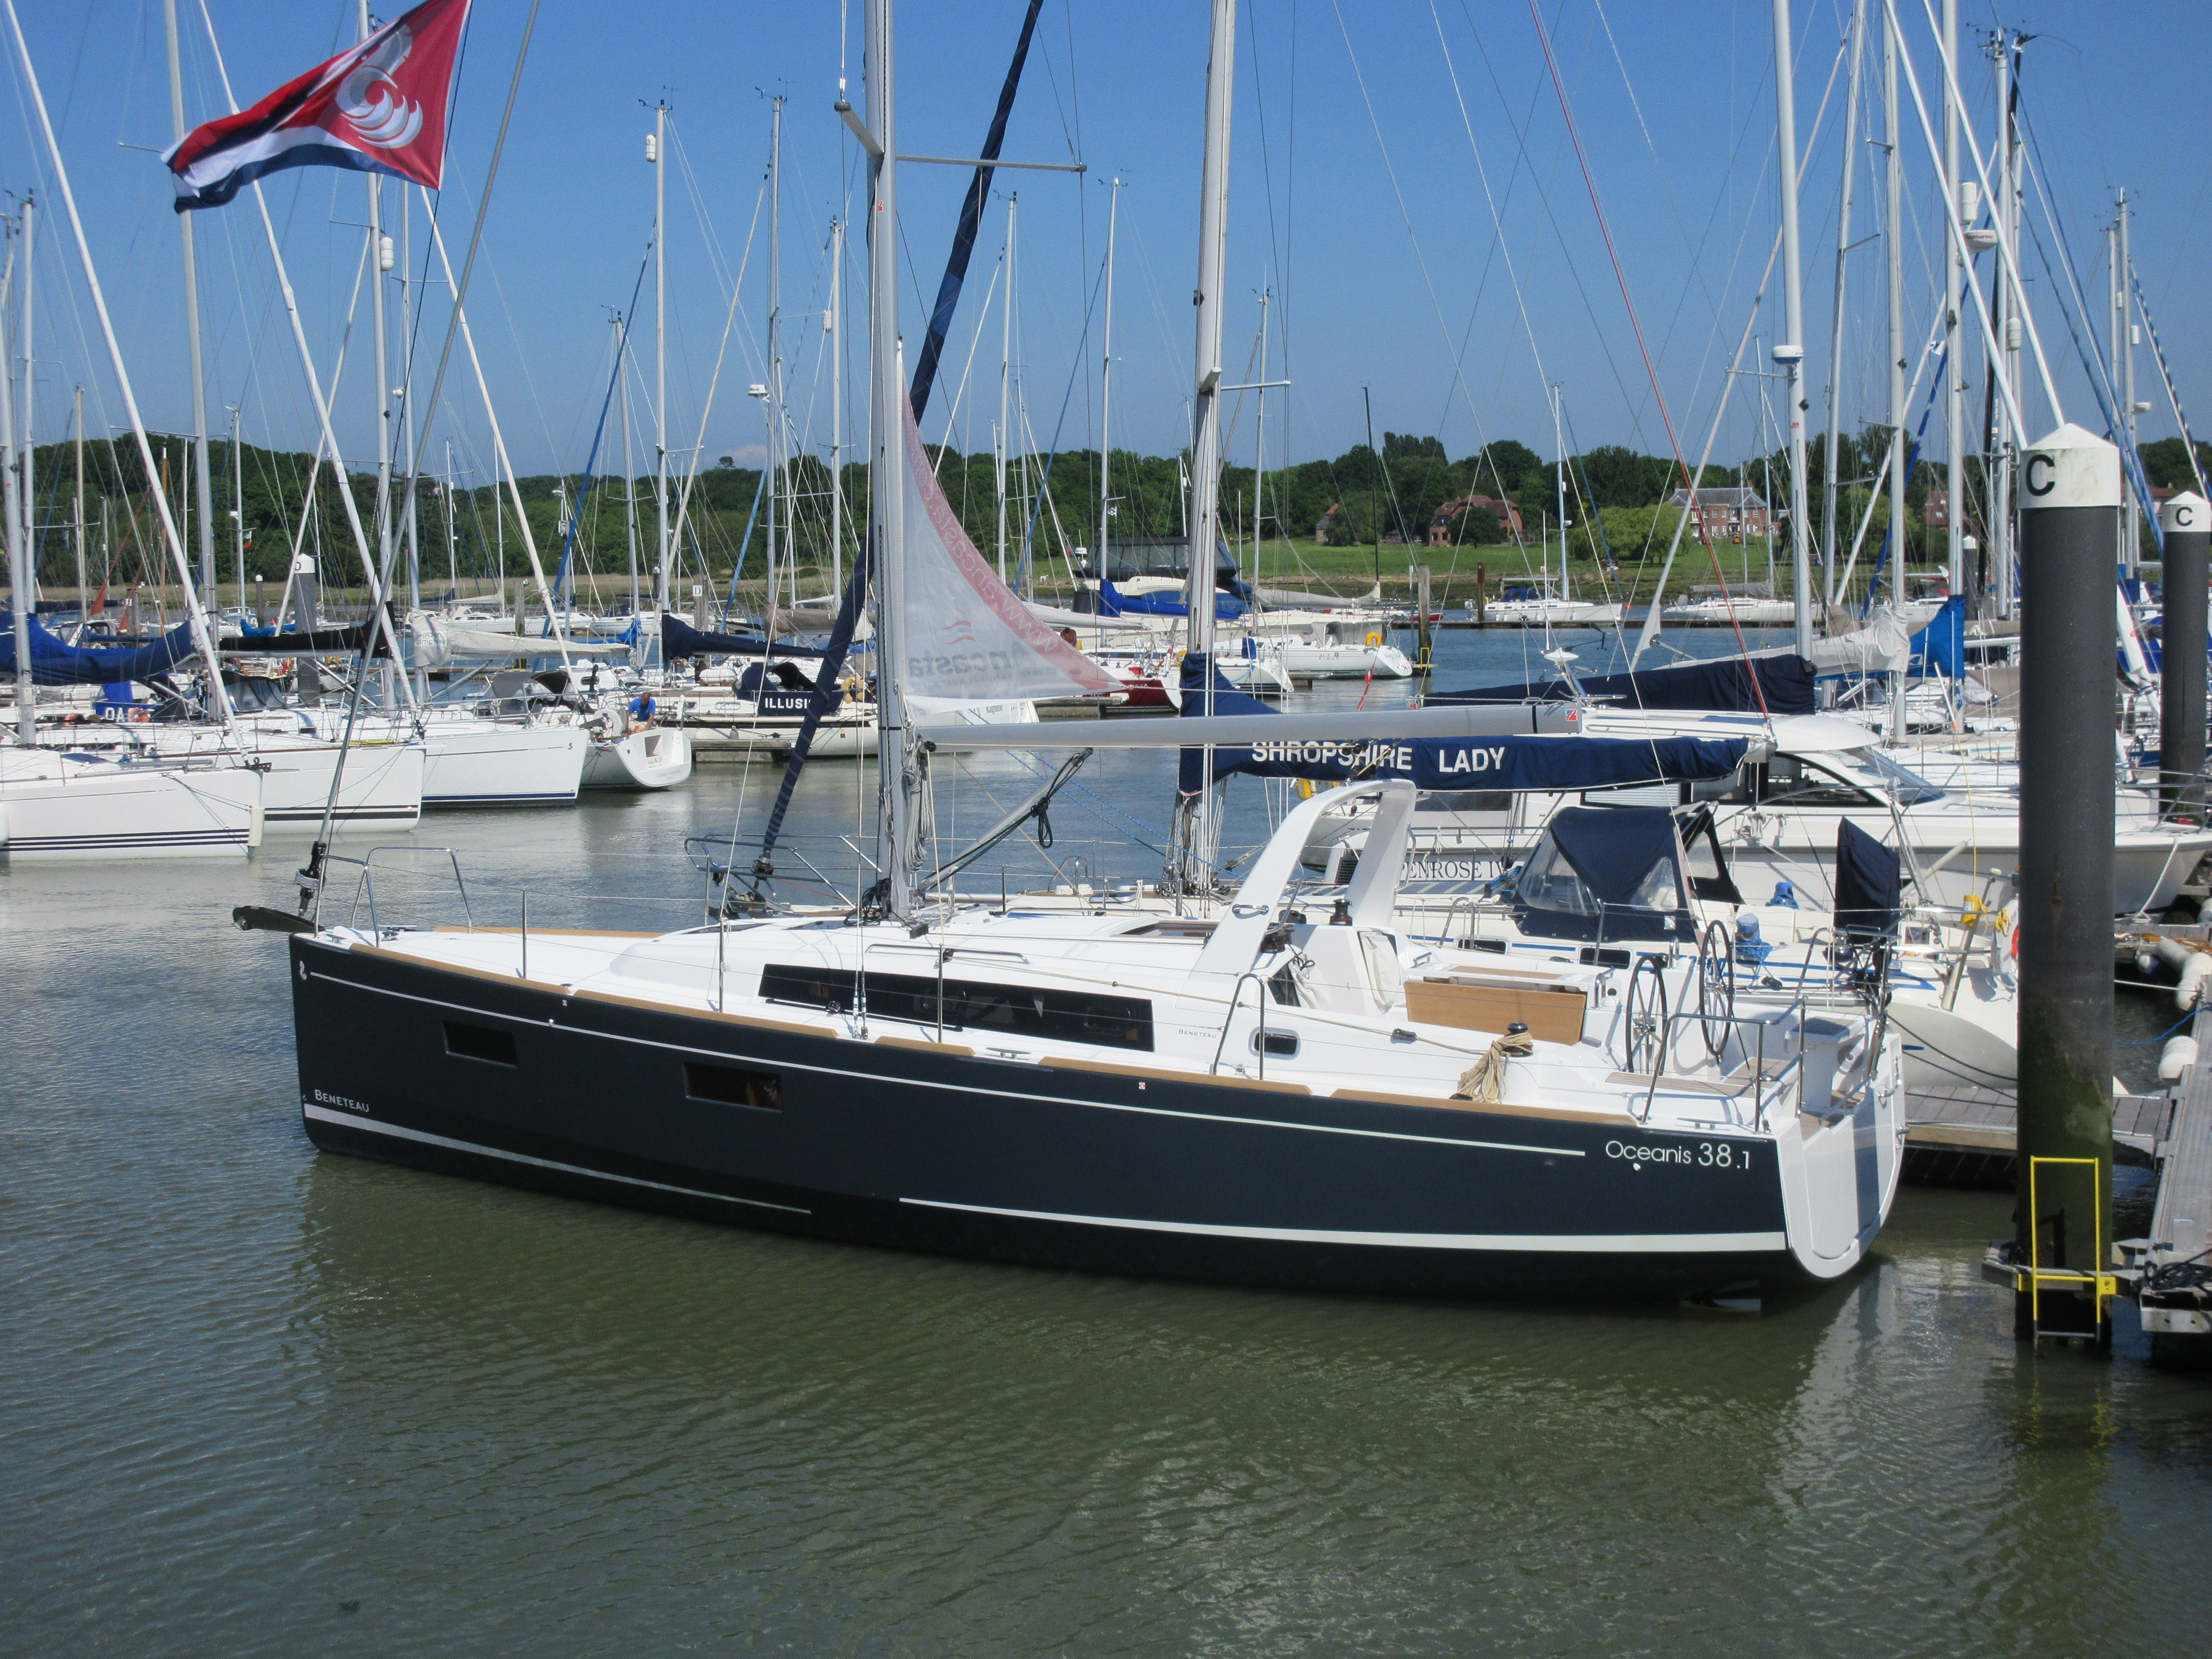 Beneteau Oceanis 38.1 For Sale - Beneteau Oceanis 38.1